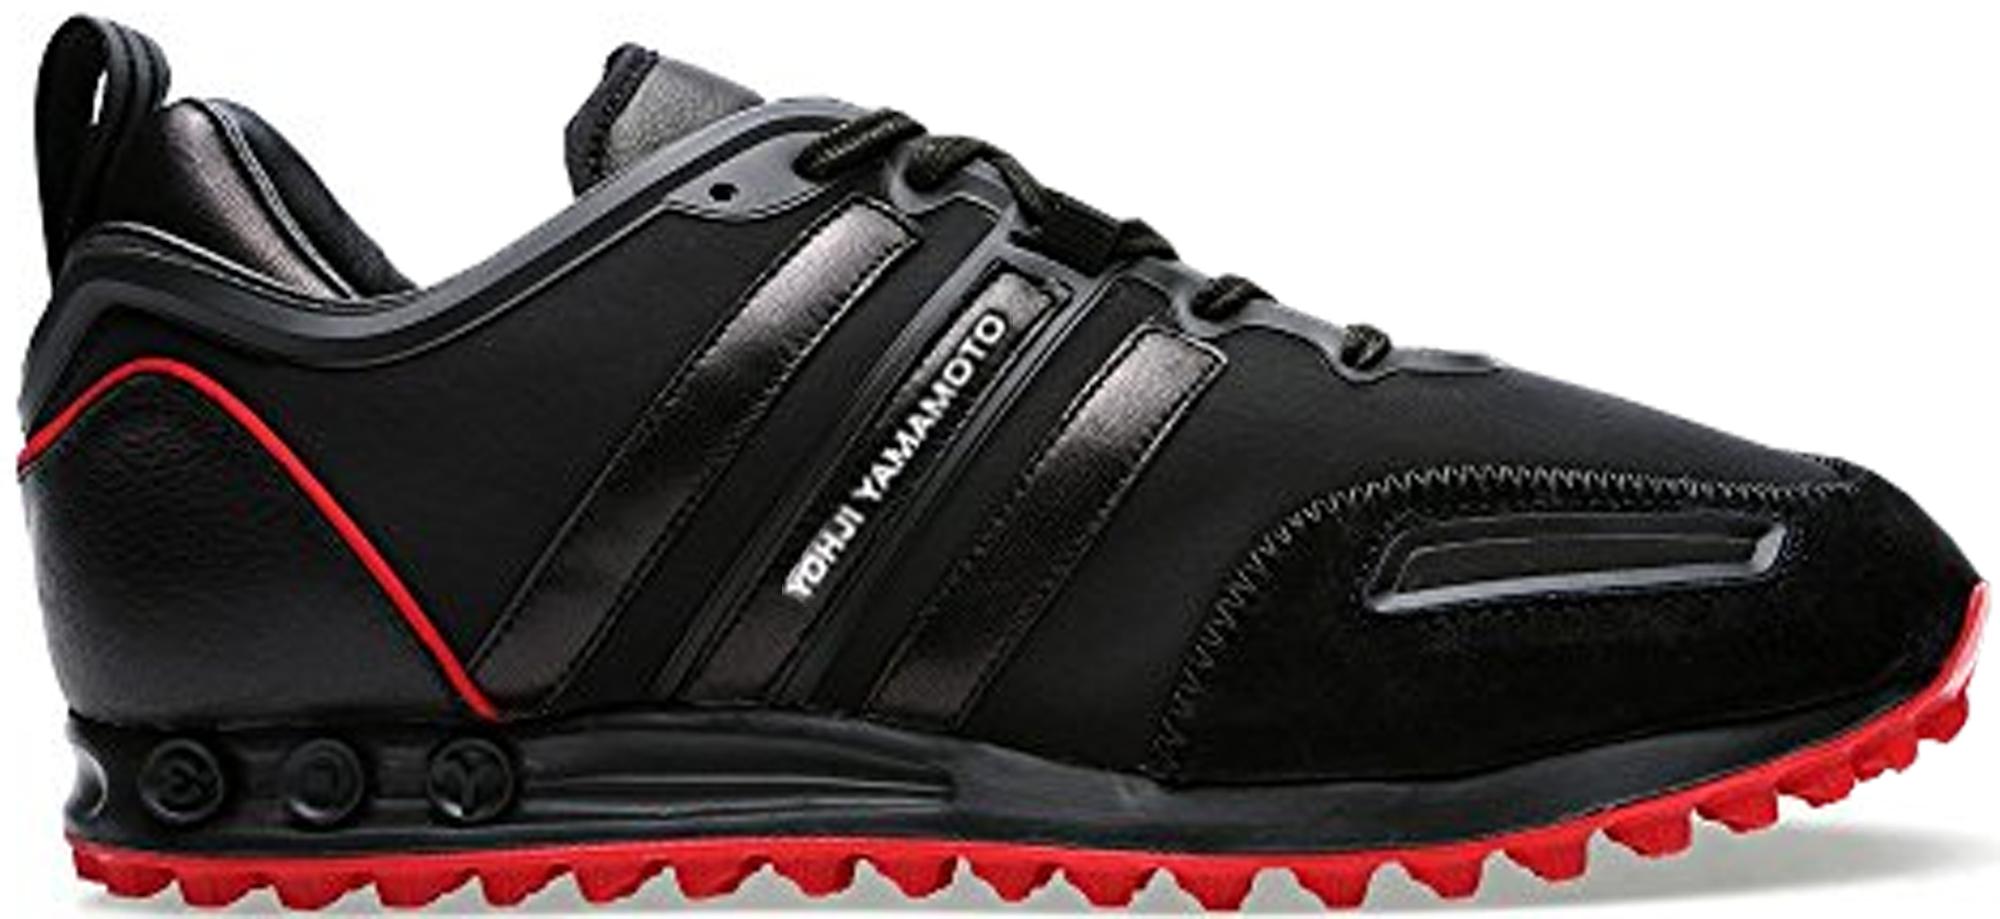 adidas Y-3 Tokio Trainer Black Red